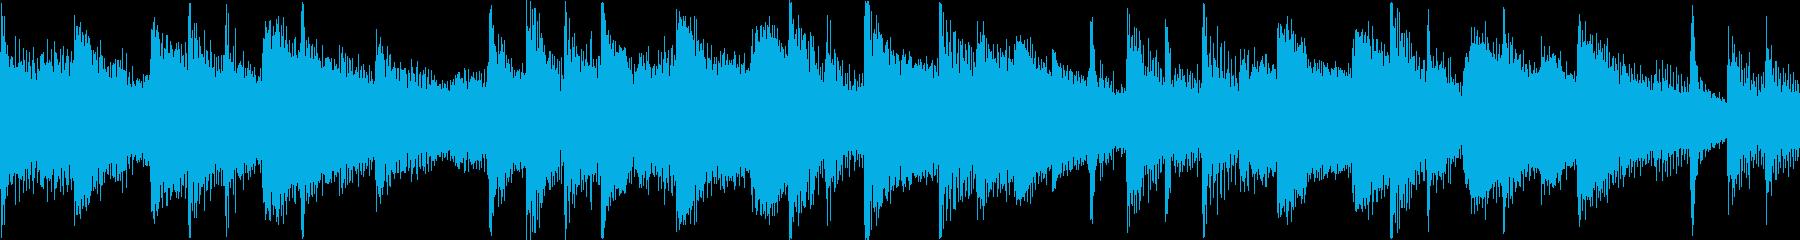 ピアノ演奏をリードするポジティブで...の再生済みの波形